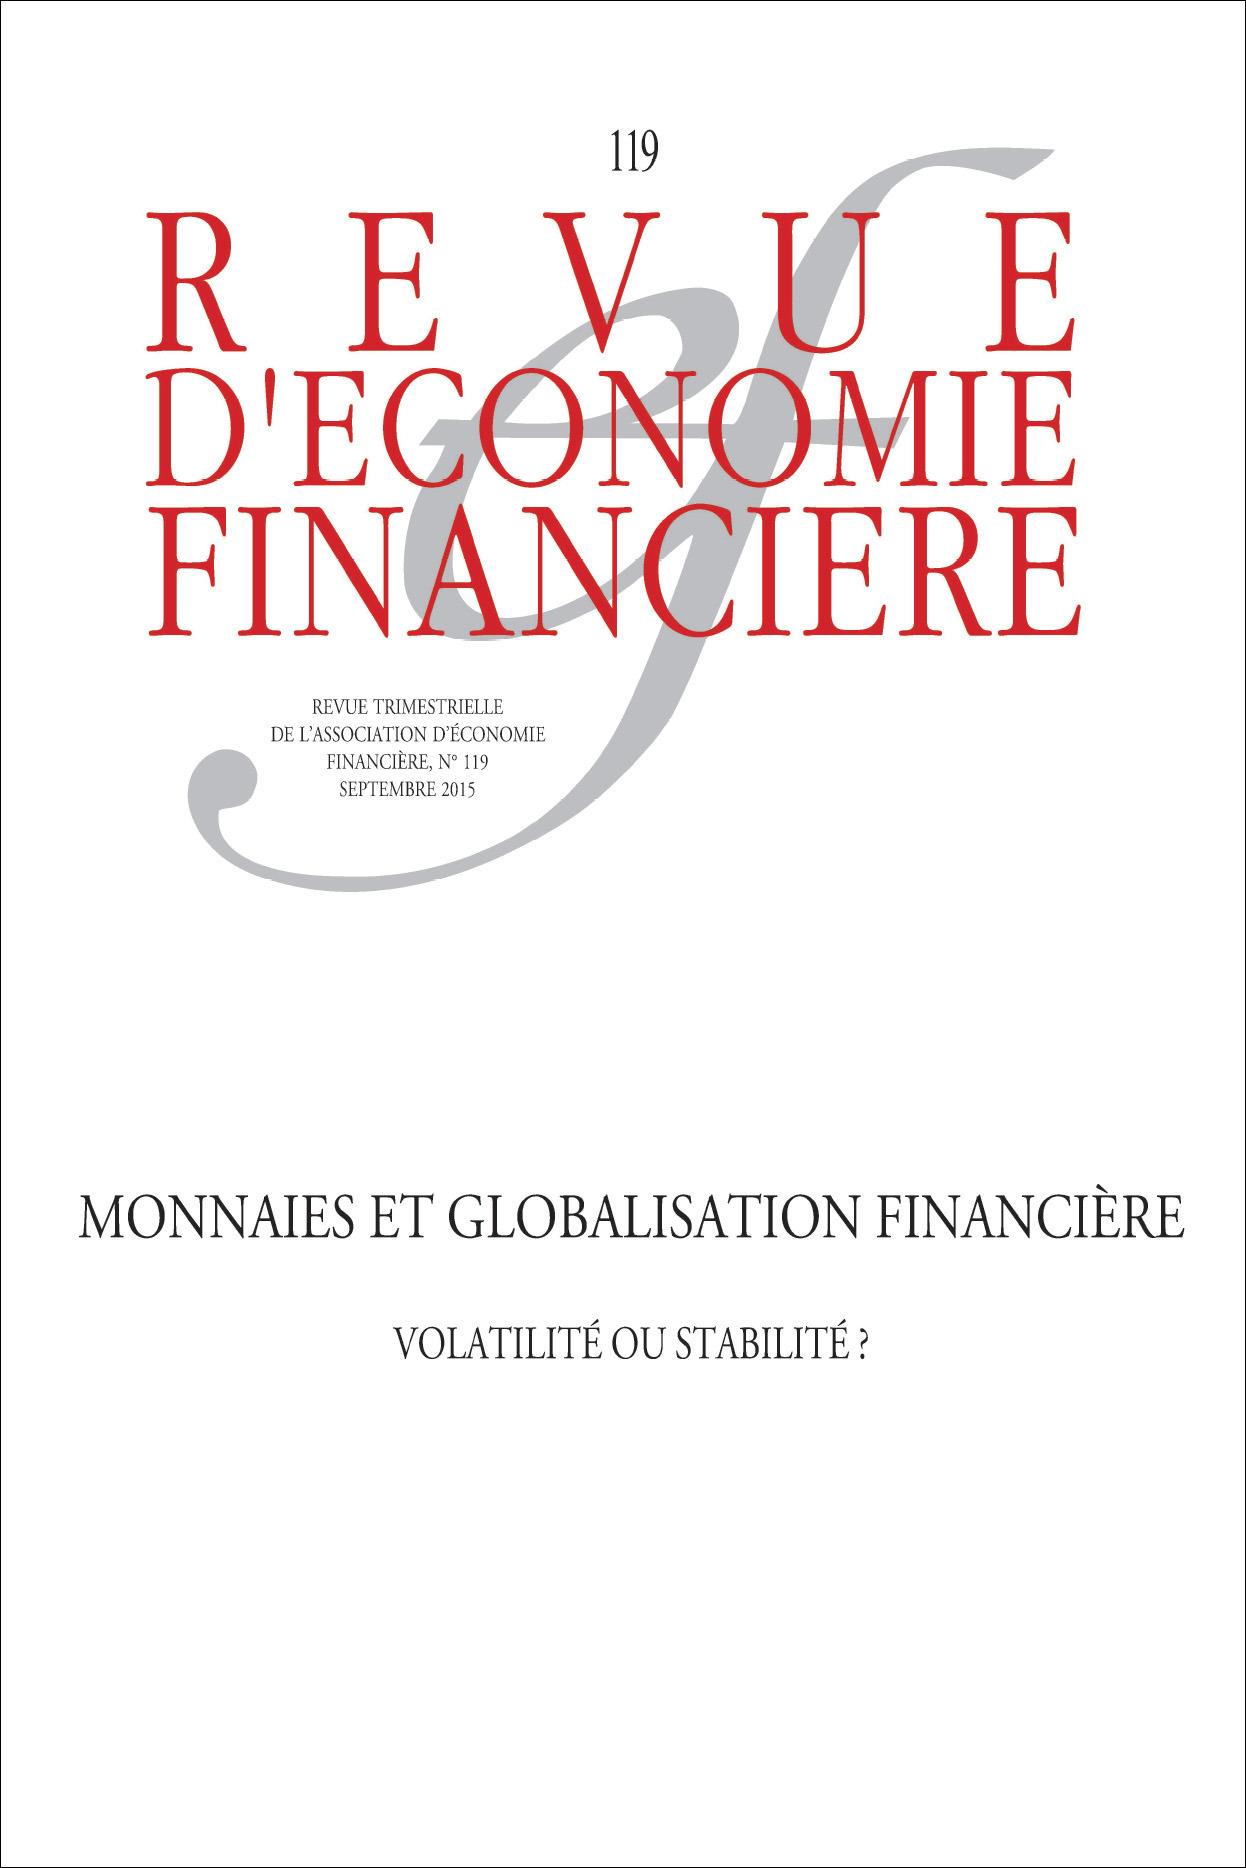 Ouvrage Collectif Monnaies et globalisation financière